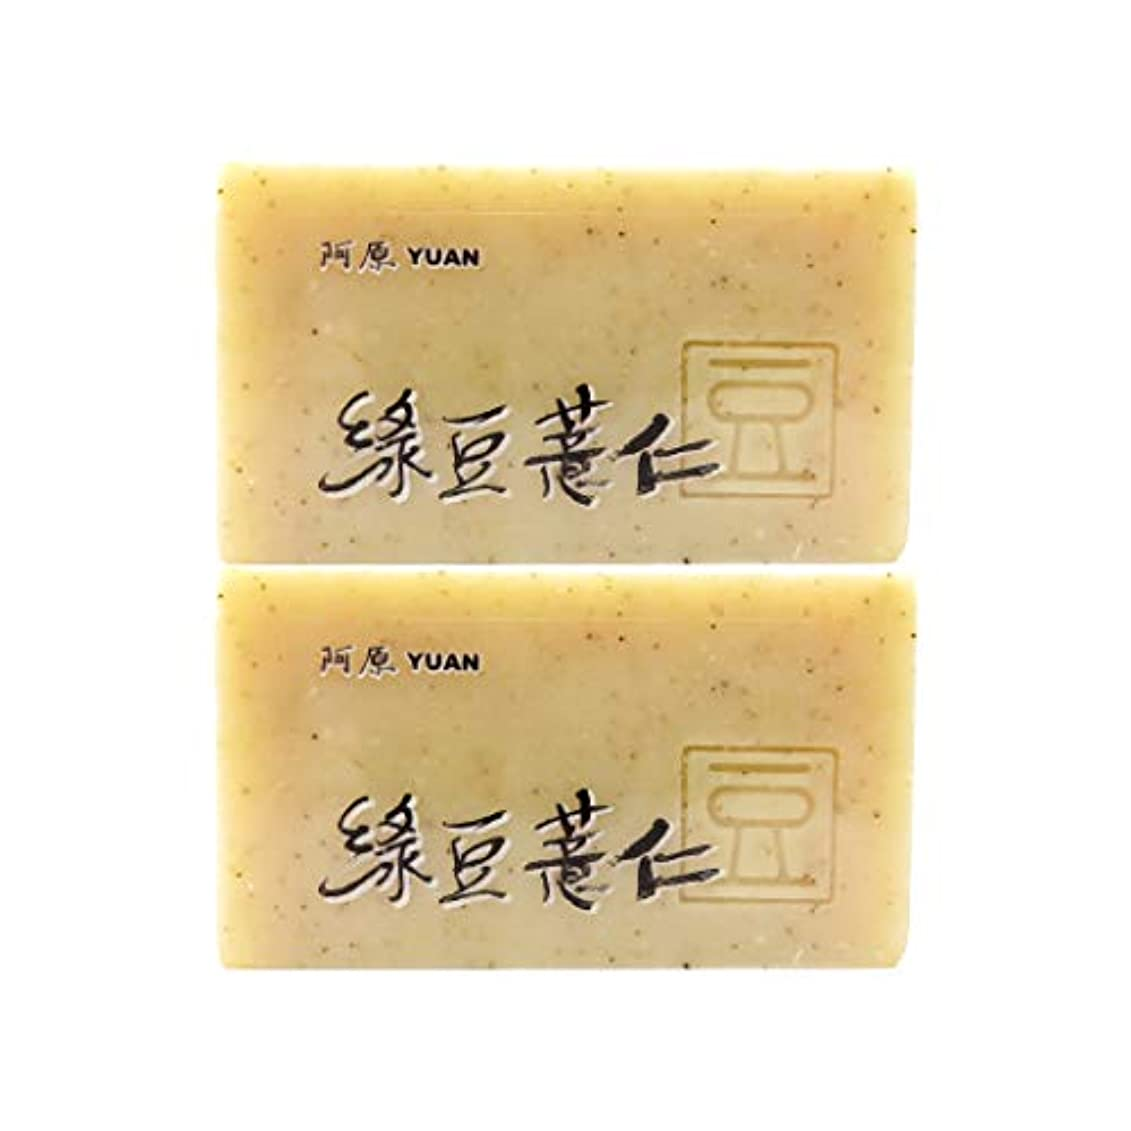 ボーナスリズミカルな合成ユアン(YUAN) ハトムギ+リョクトウソープ 100g (2個セット)